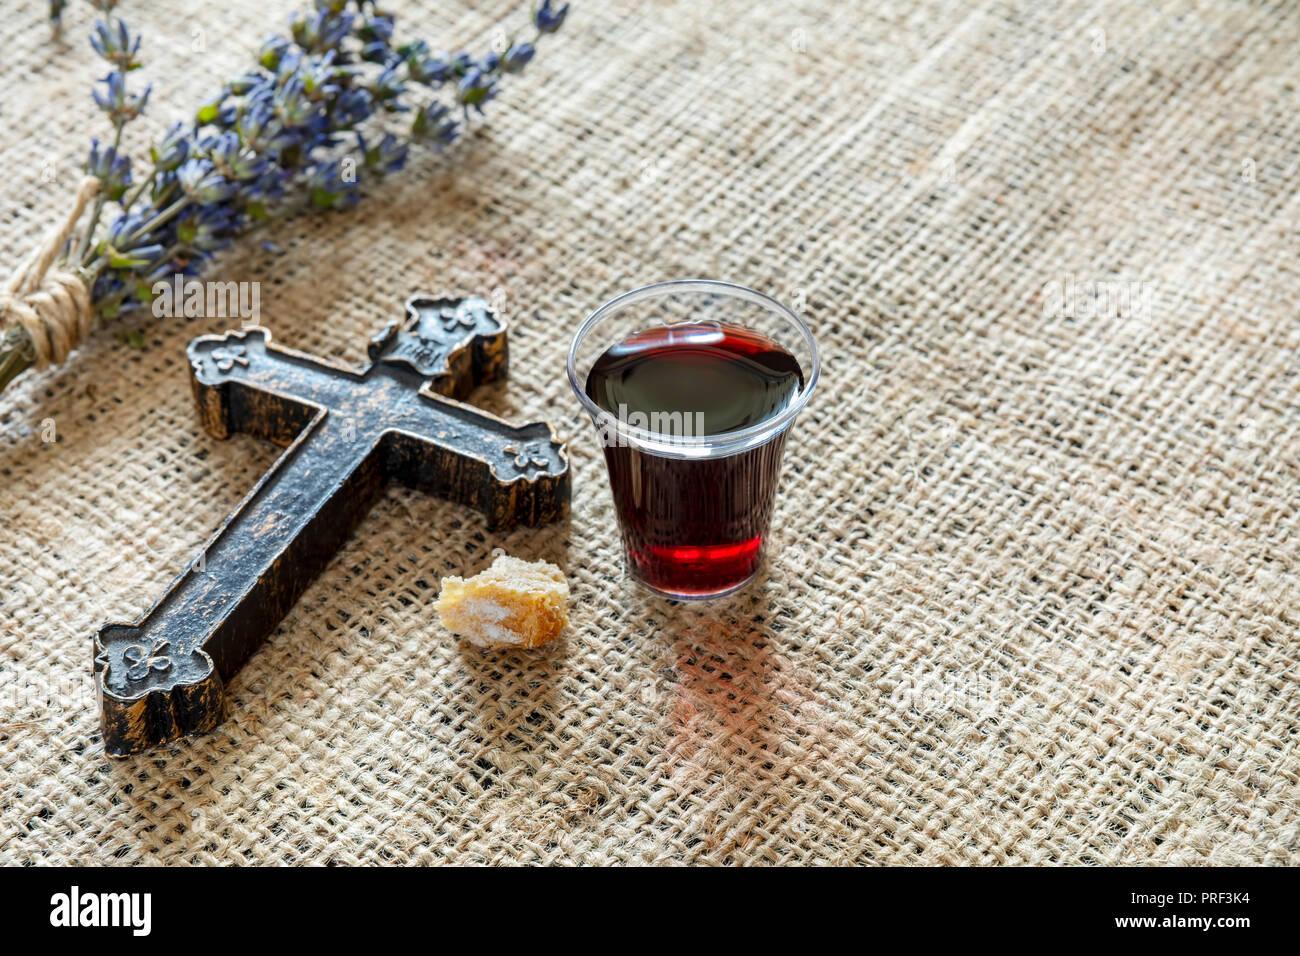 Teniendo comunión con copa de vino y pan, cerca de cruz y lavanda en el mantel de textiles. Imagen De Stock